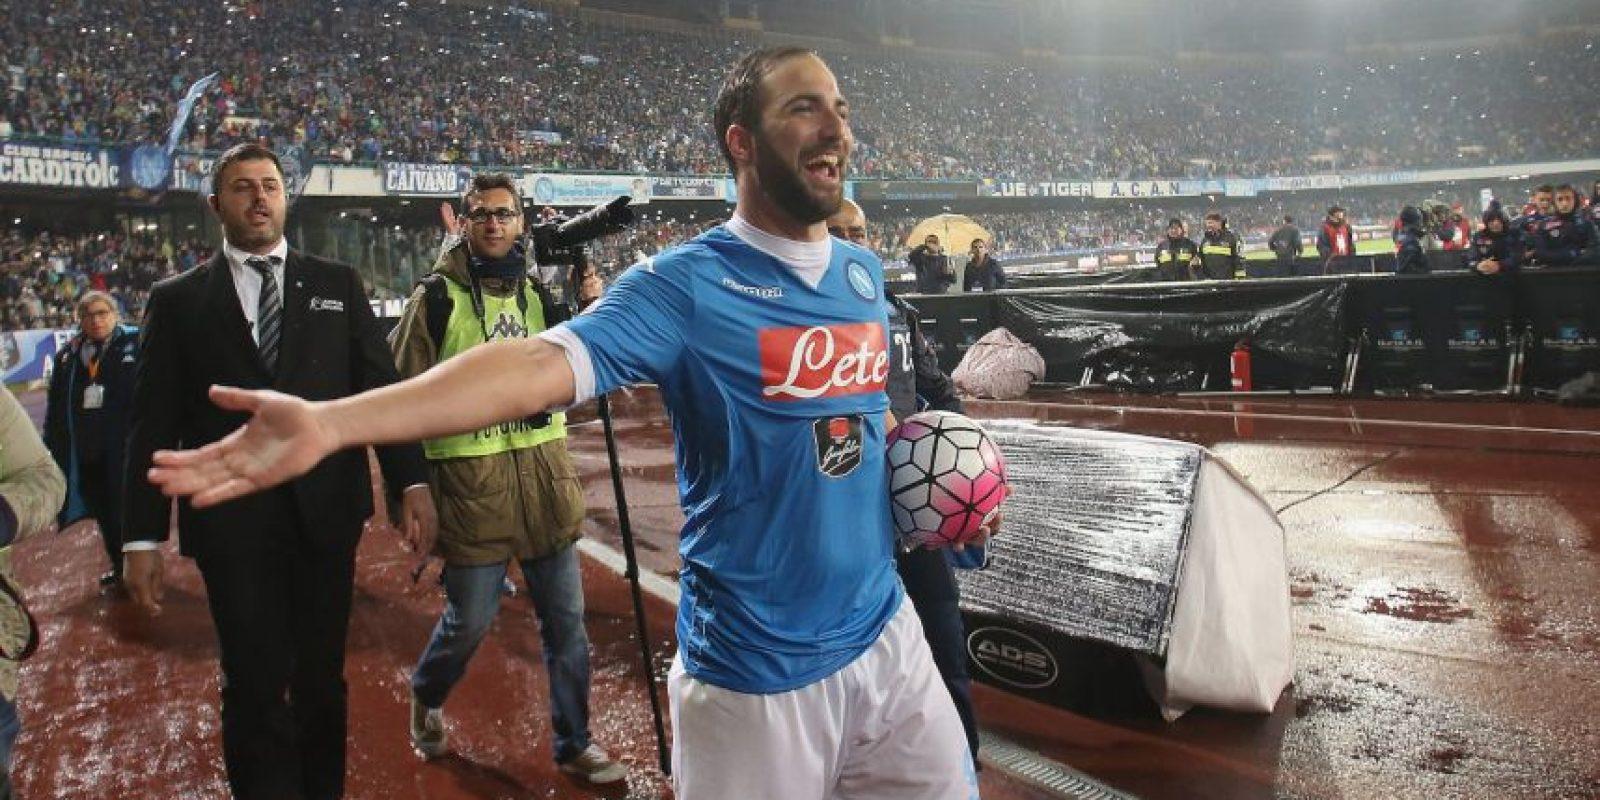 Gonzalo Higuaín superó el récord de mayor cantidad de goles en una temporada de la Serie A con sus 36 tantos Foto:Getty Images